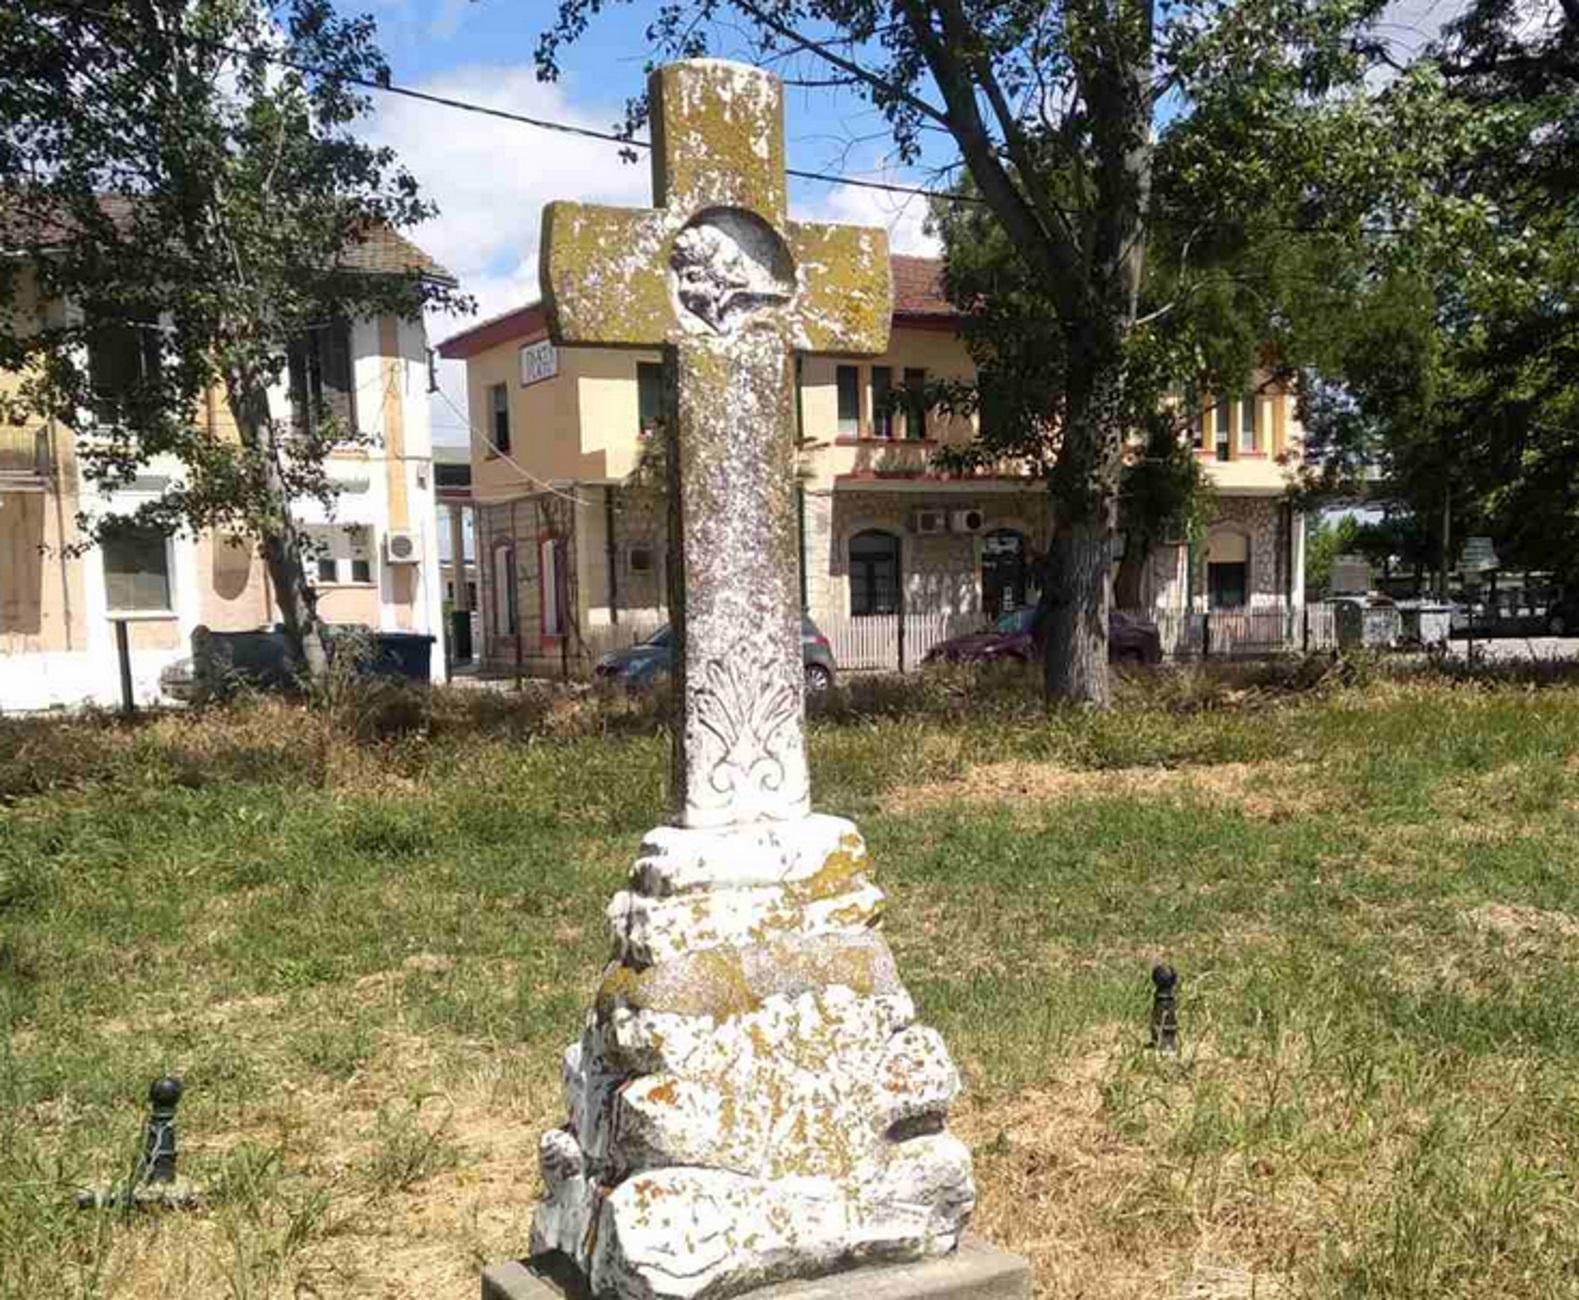 Ημαθία: Ο πέτρινος σταυρός και η ιστορία που περνάει από γενιά σε γενιά – Θυσία για την ελευθερία